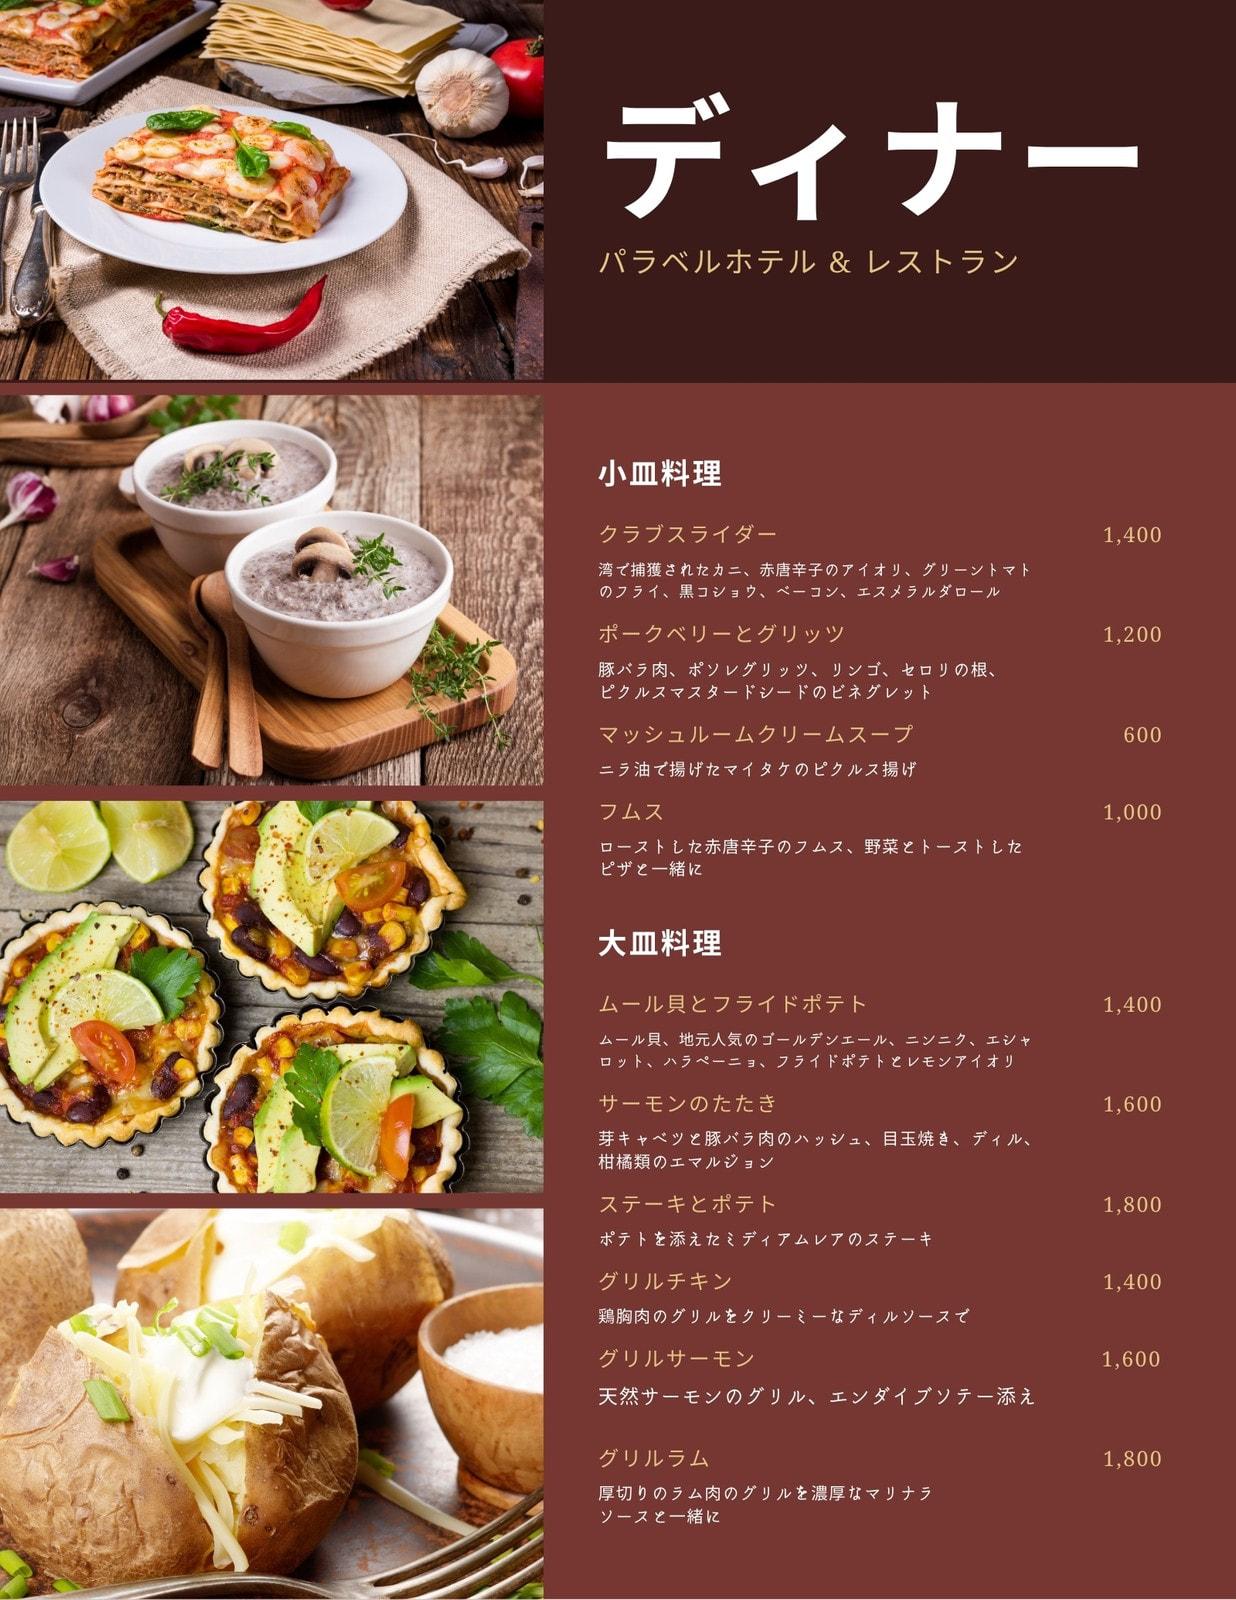 茶色 前菜と主菜 ディナーメニュー